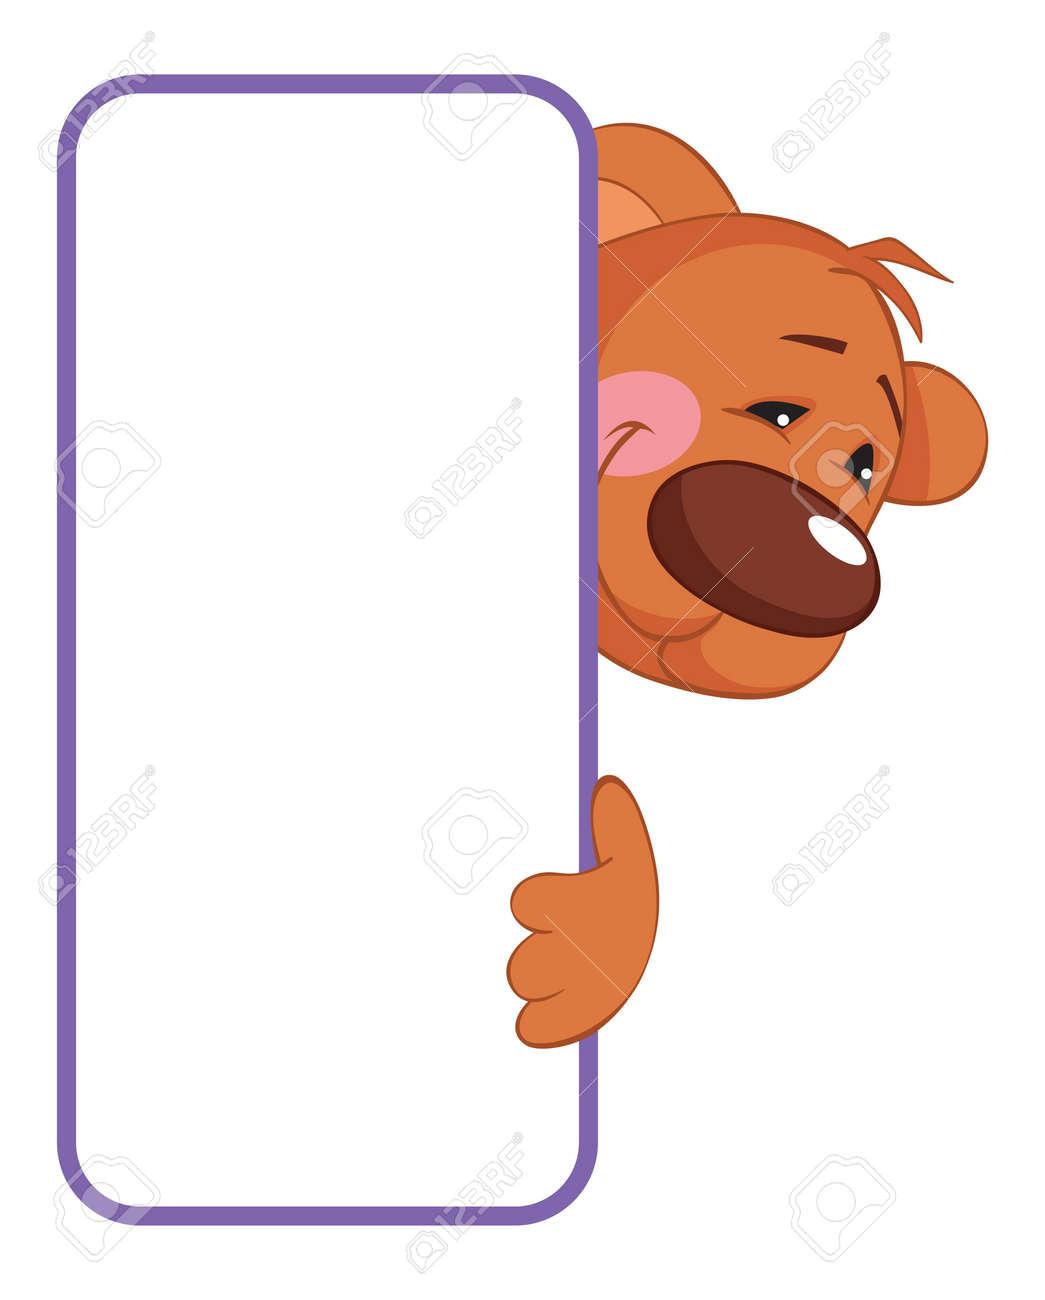 Bannière Animale De Bébé Ours étiquette De Dessin Animé